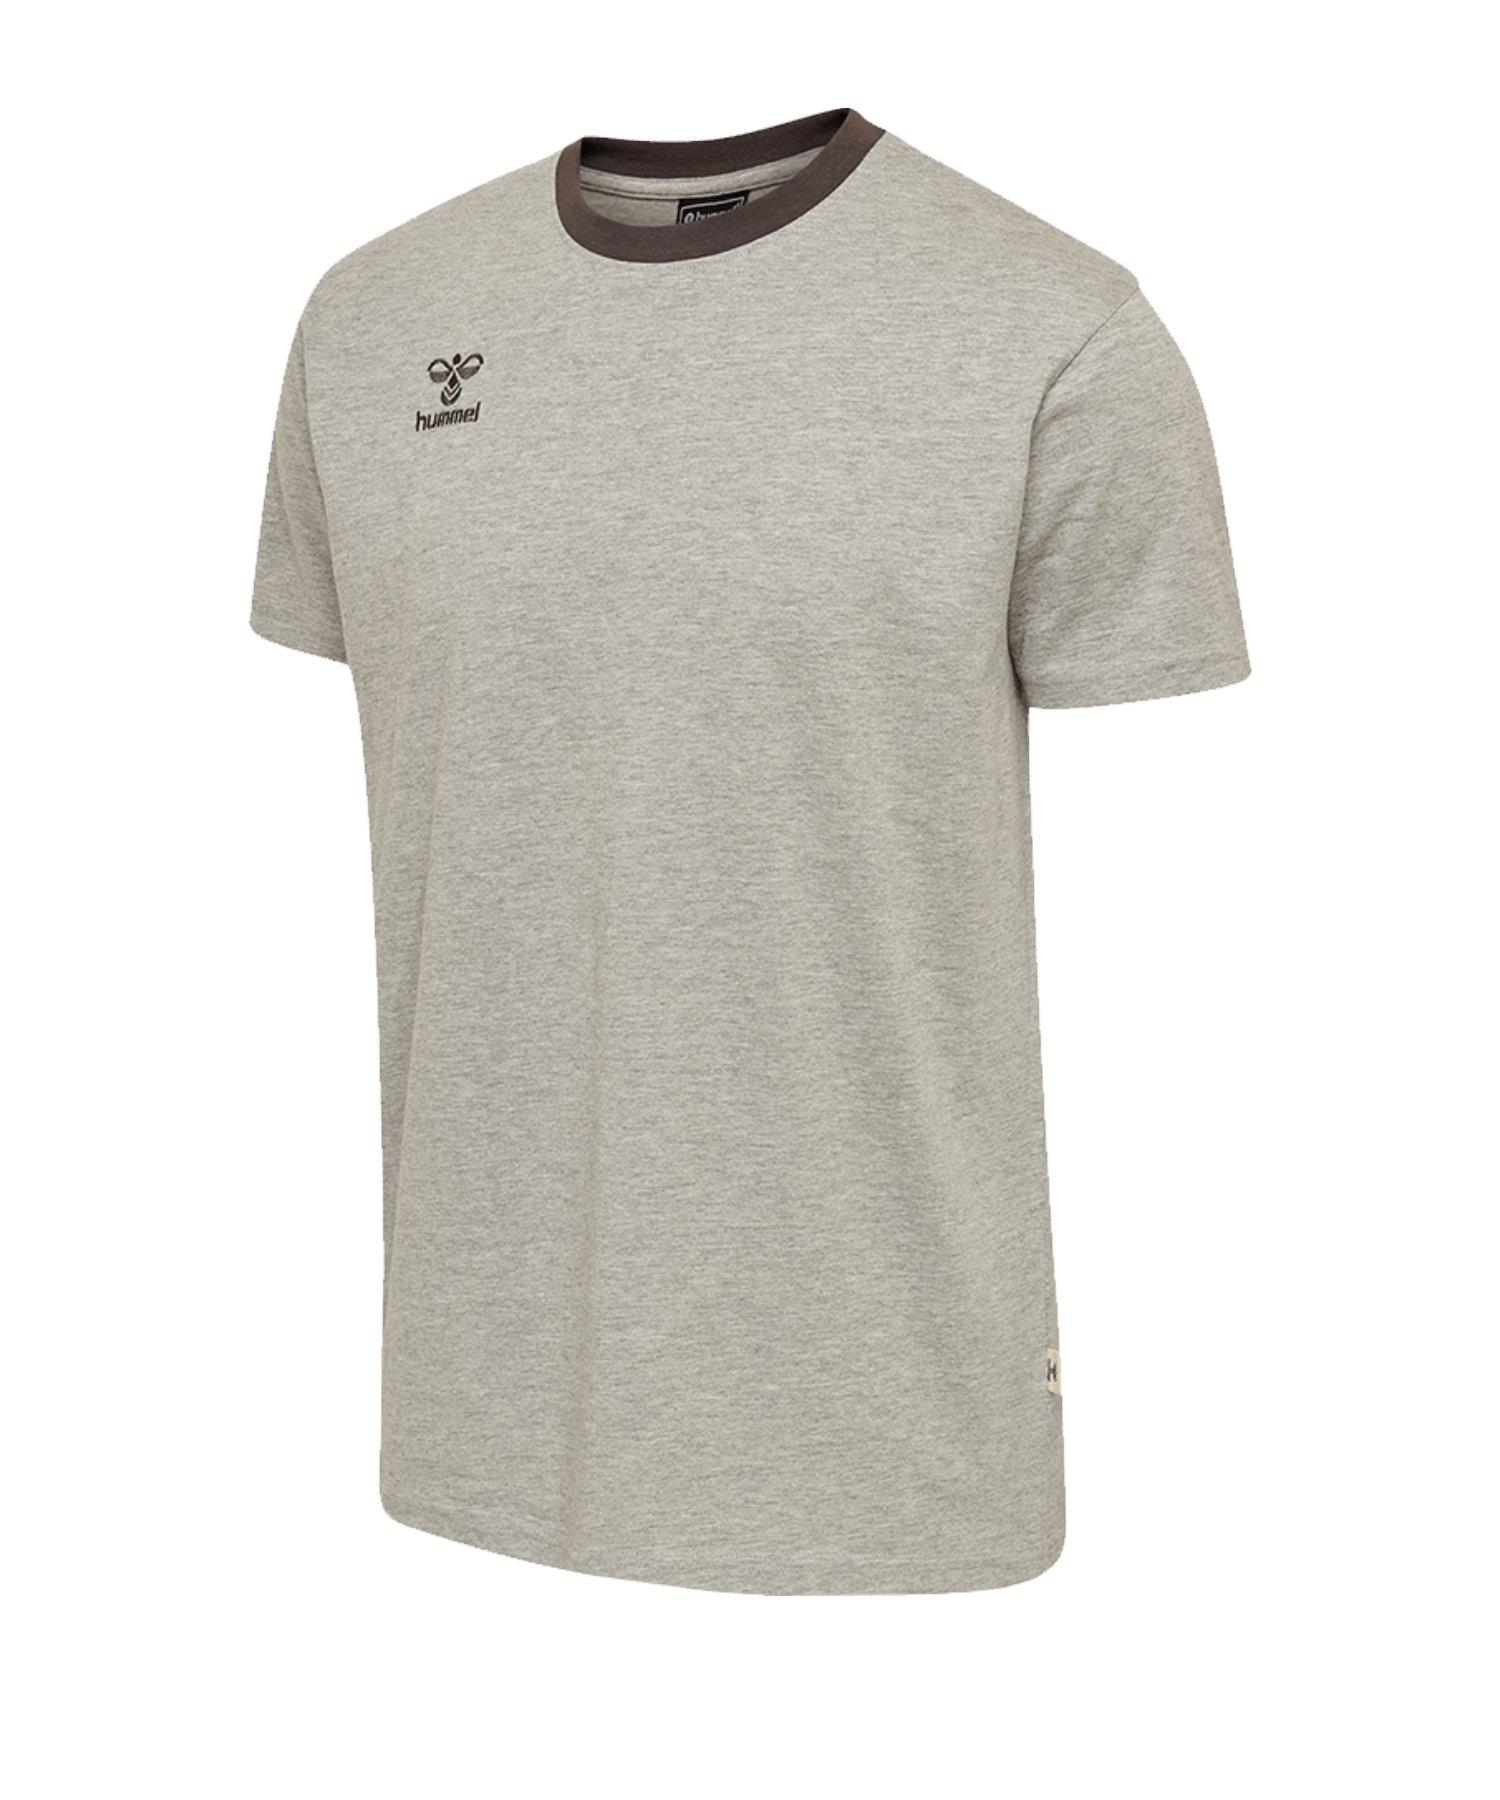 Hummel Move T-Shirt Grau F2006 - grau